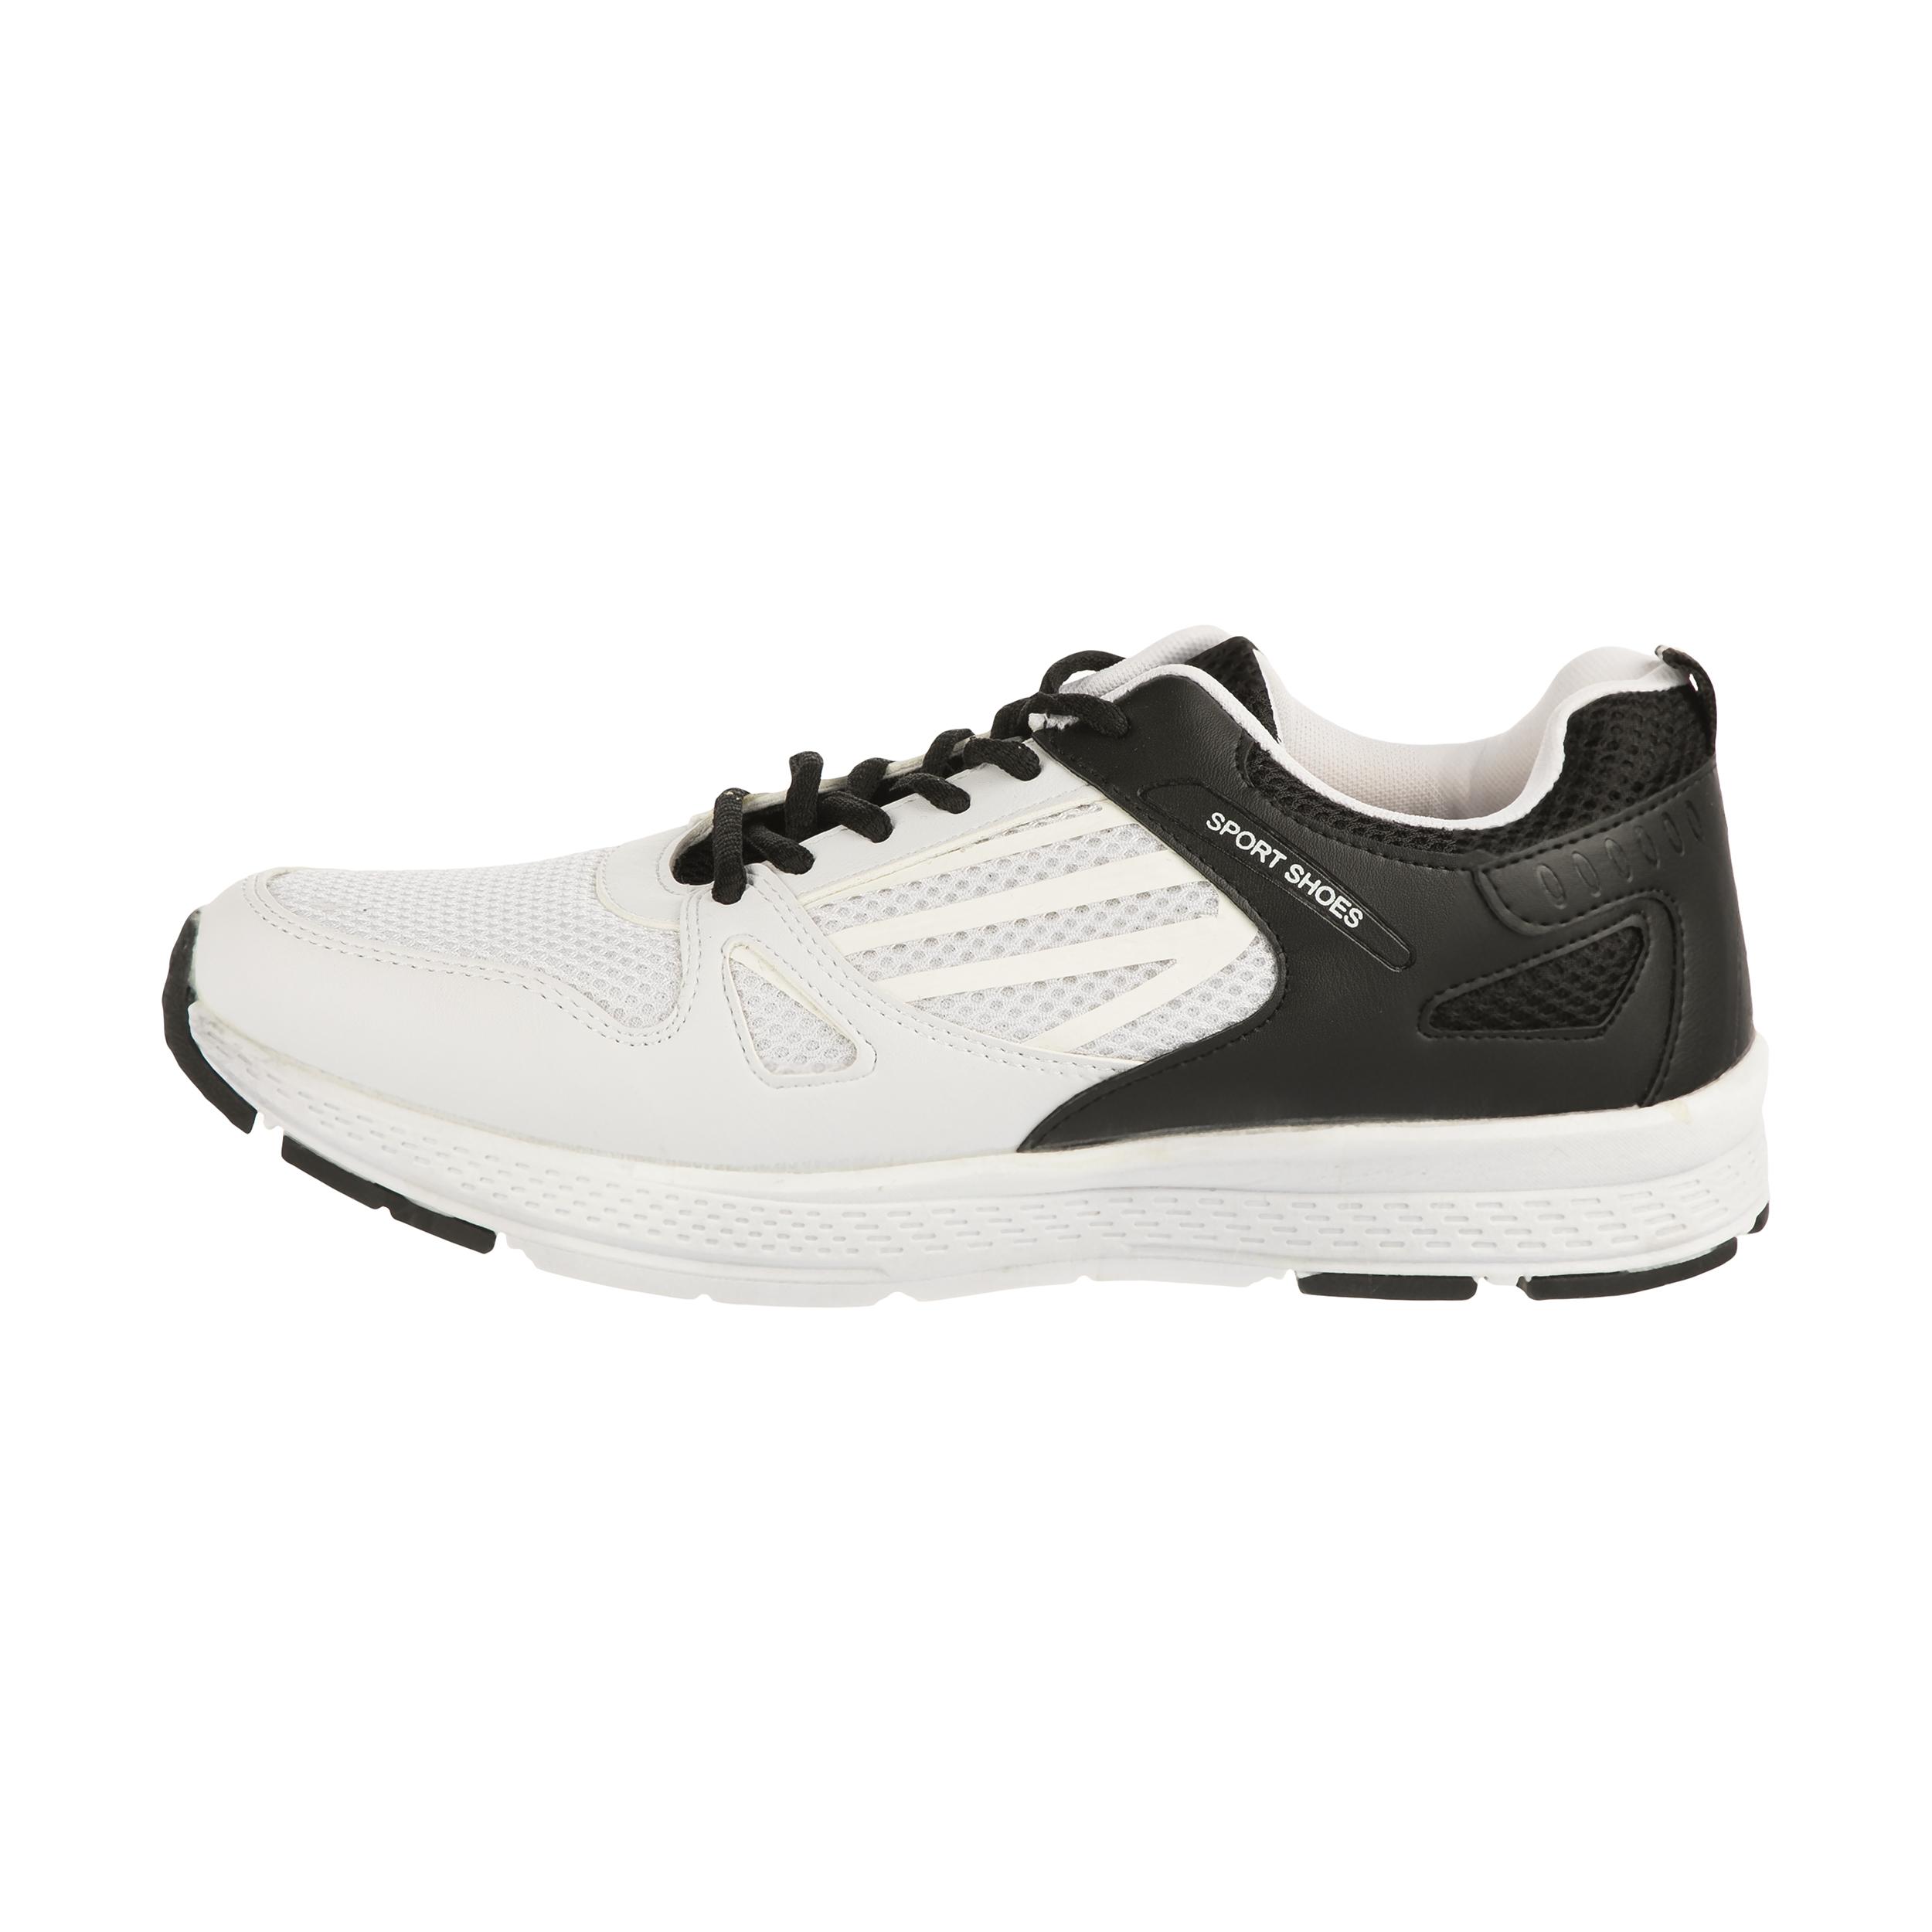 کفش پیاده روی مردانه ملی مدل بستان کد 83596875